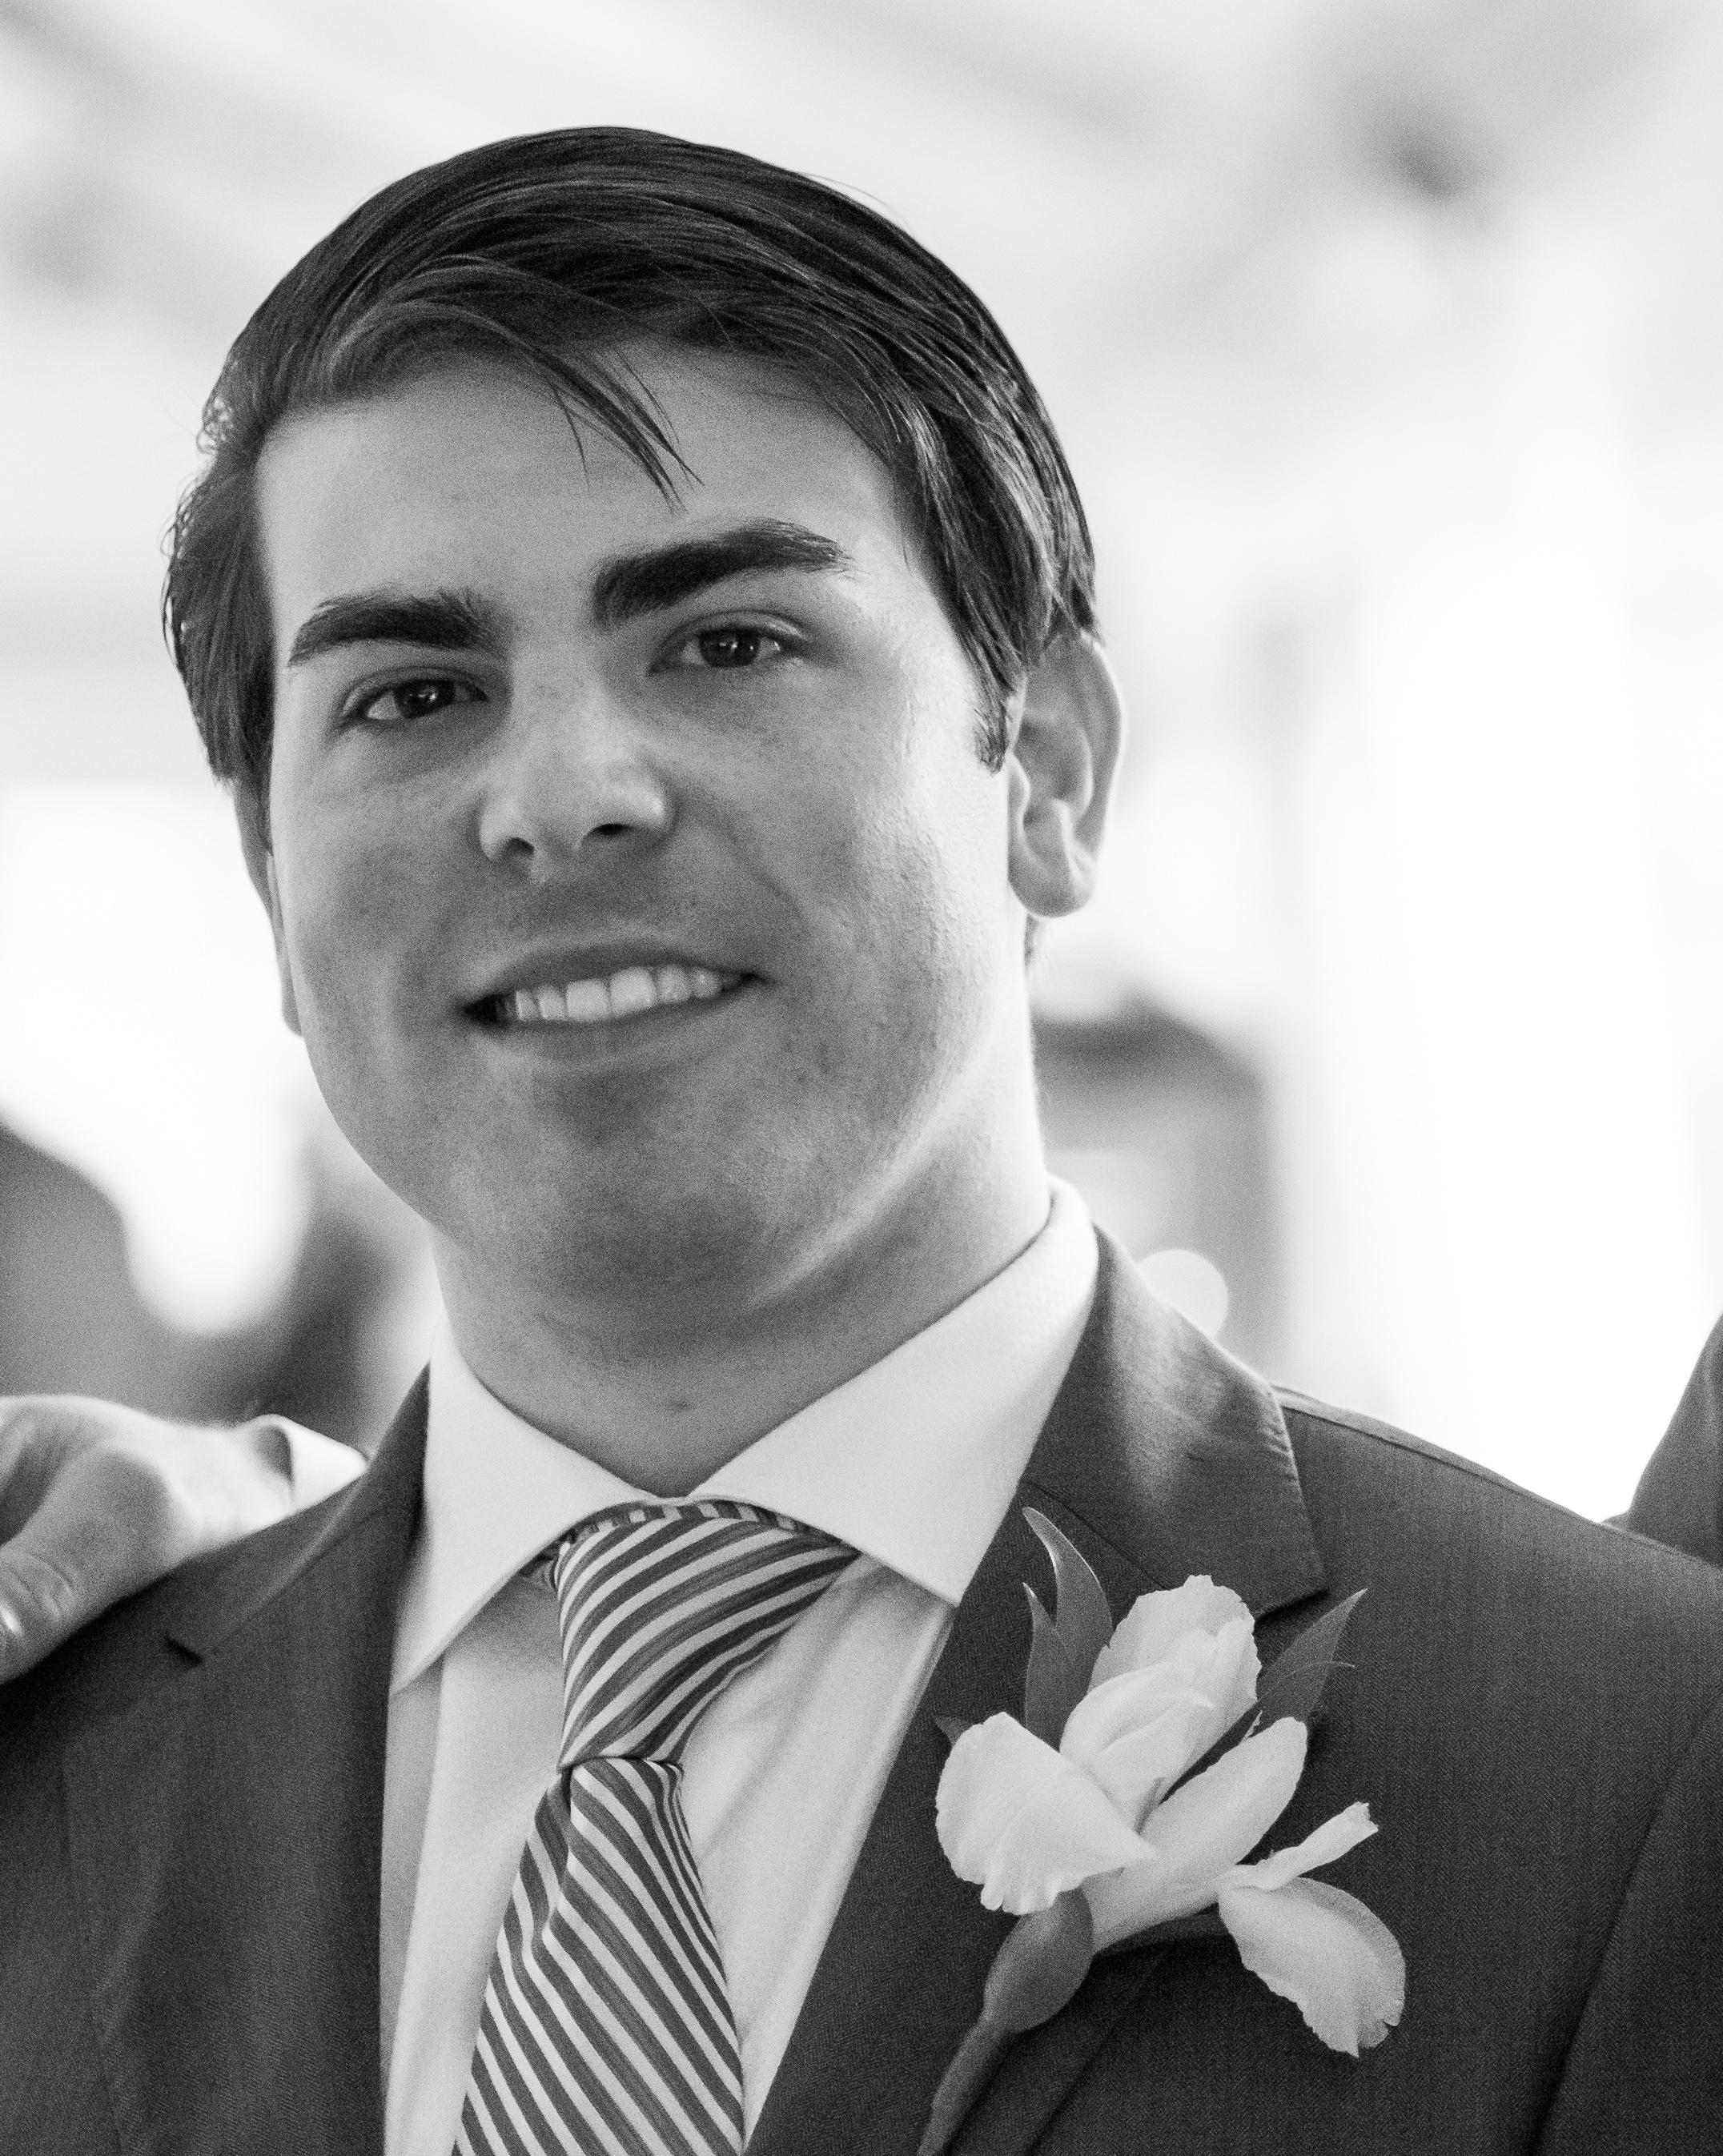 Jacob Spiegel : MBSB Graduate Student